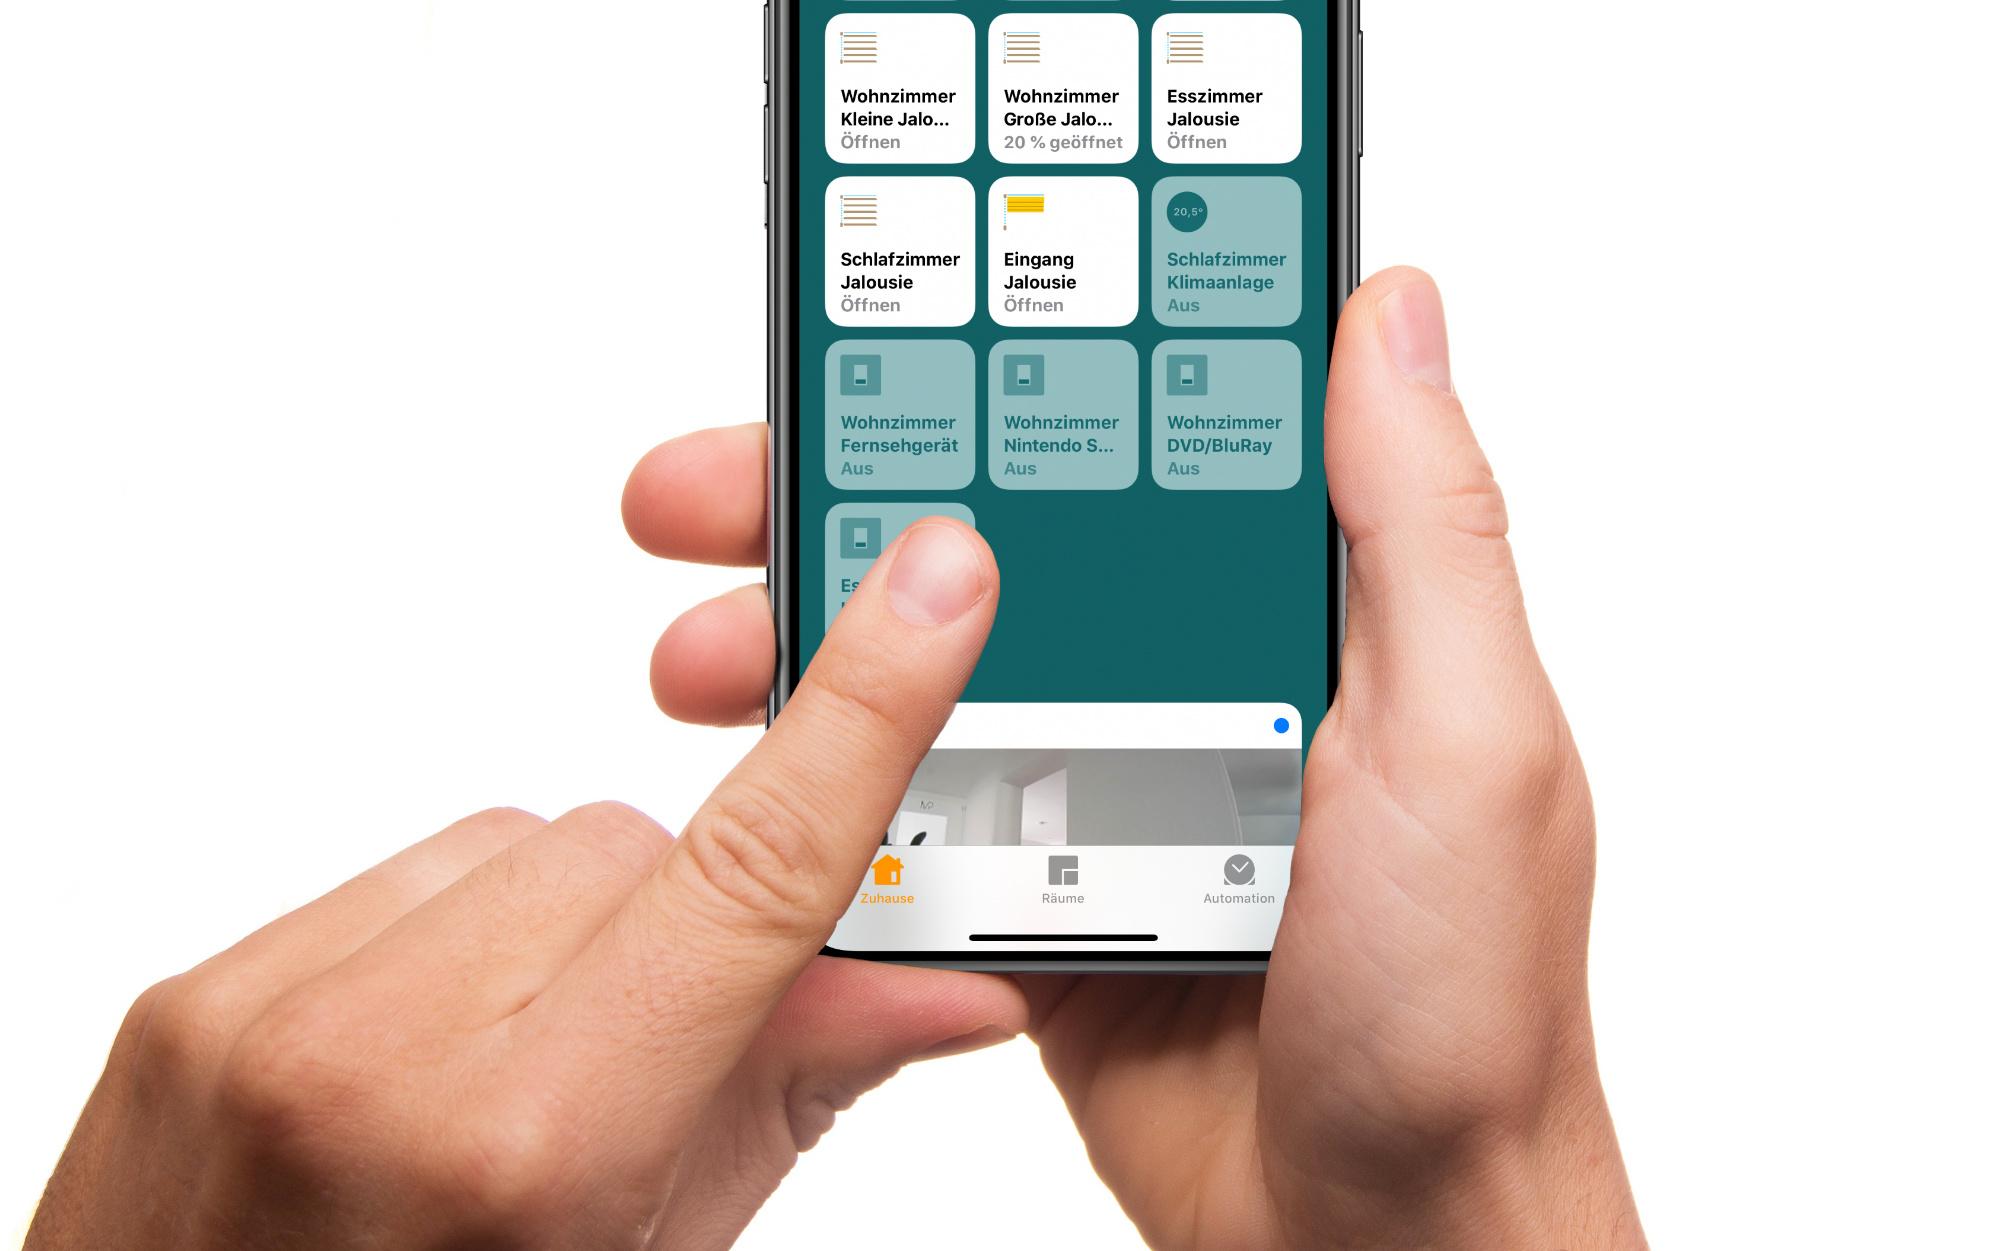 Anleitung-Wie-du-den-Logitech-Harmony-Hub-in-Apple-HomeKit-einsetzt1 Anleitung: Wie du den Logitech Harmony Hub in Apple HomeKit einsetzt